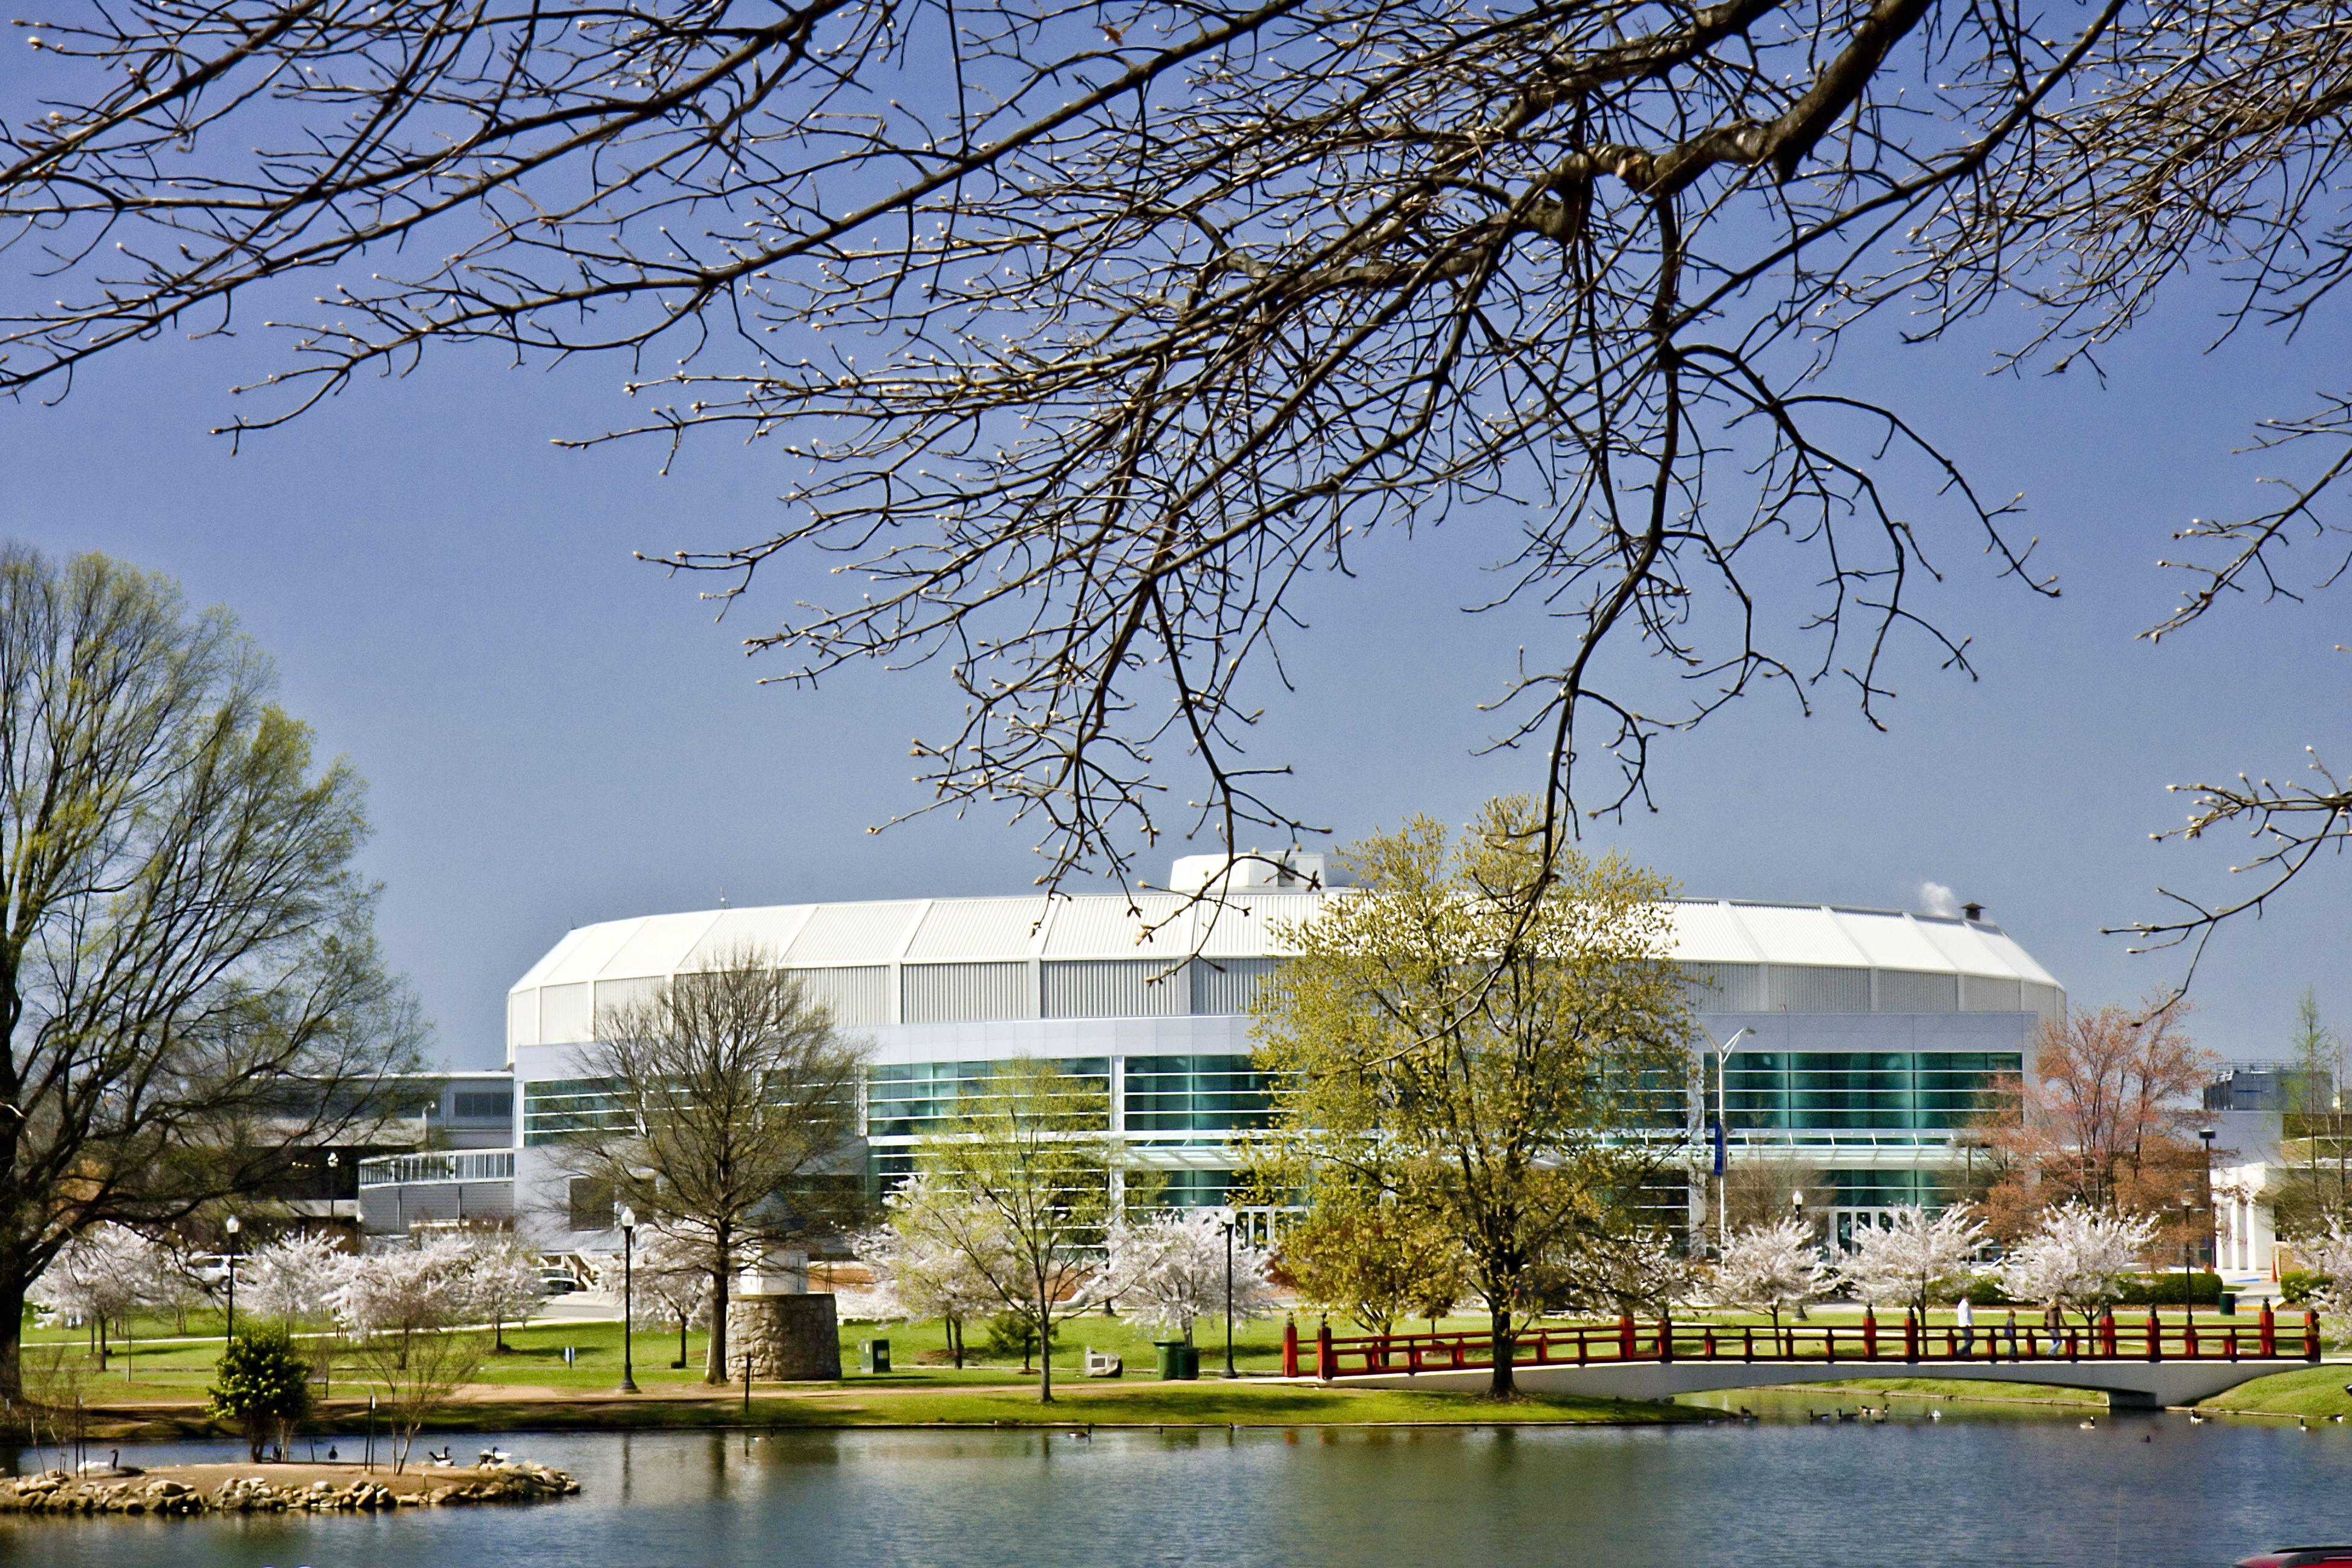 Von Braun Center In Big Spring International Park Visitors